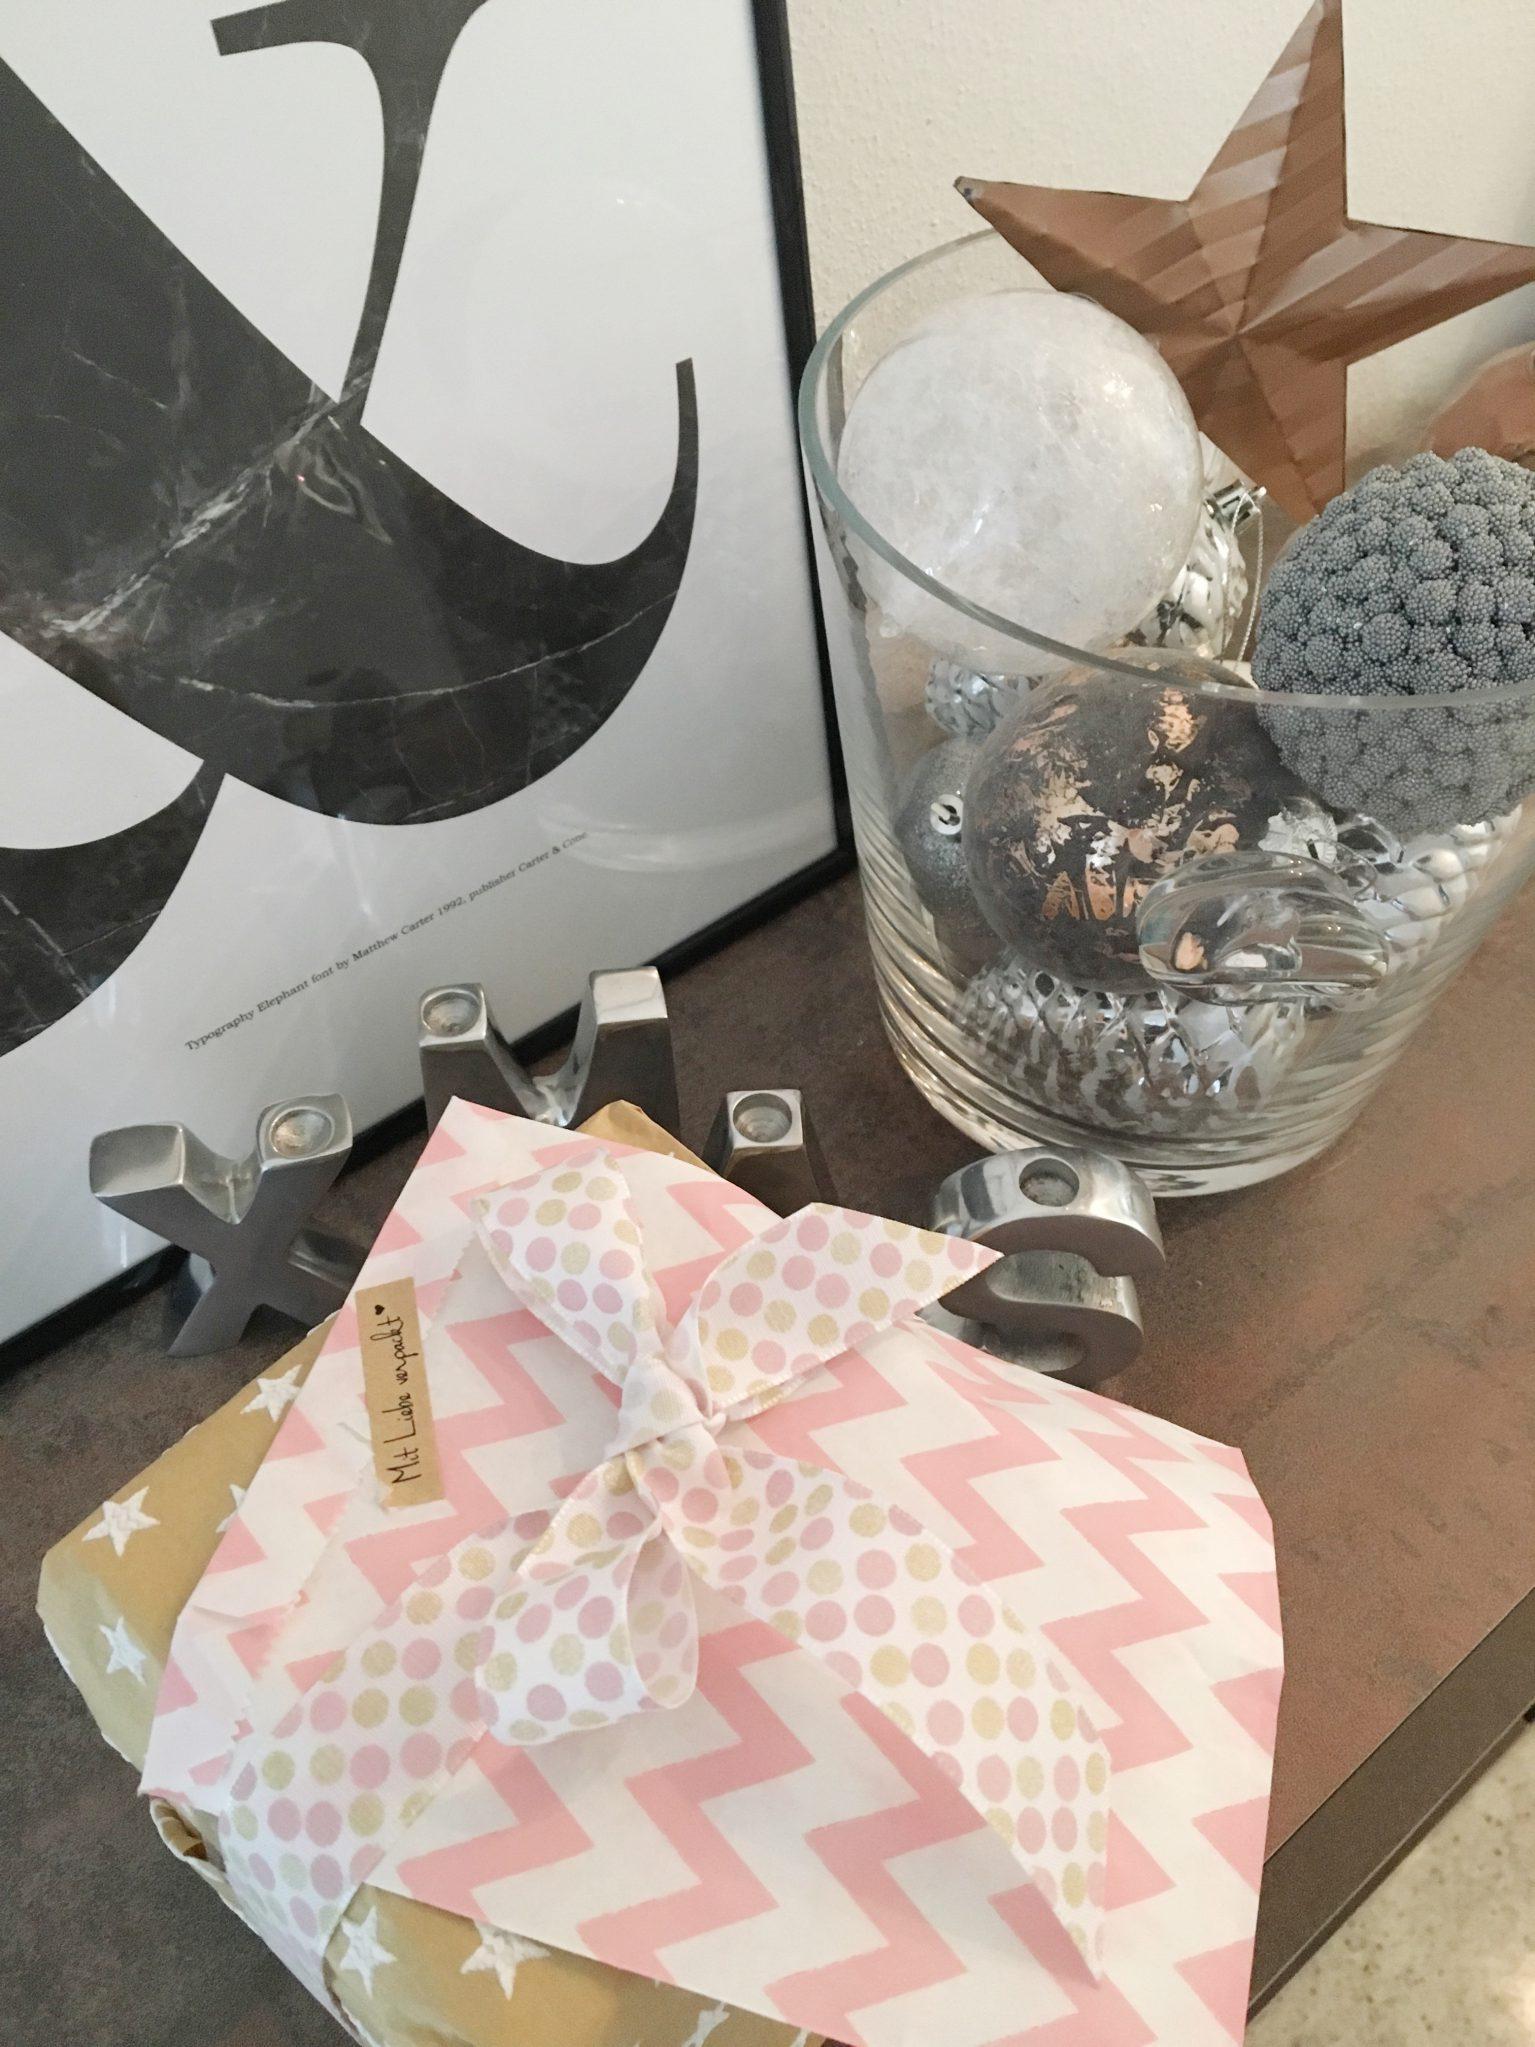 Weihnachtsdeko, Weihnachtskugeln, Kugeln, Deko, Accessoires, Geschenke verpacken, Schleifen, Weihnachten, Xmas, Servietten, Mamainstyle, Mamablog, Modeblog, Mama Mode Blog